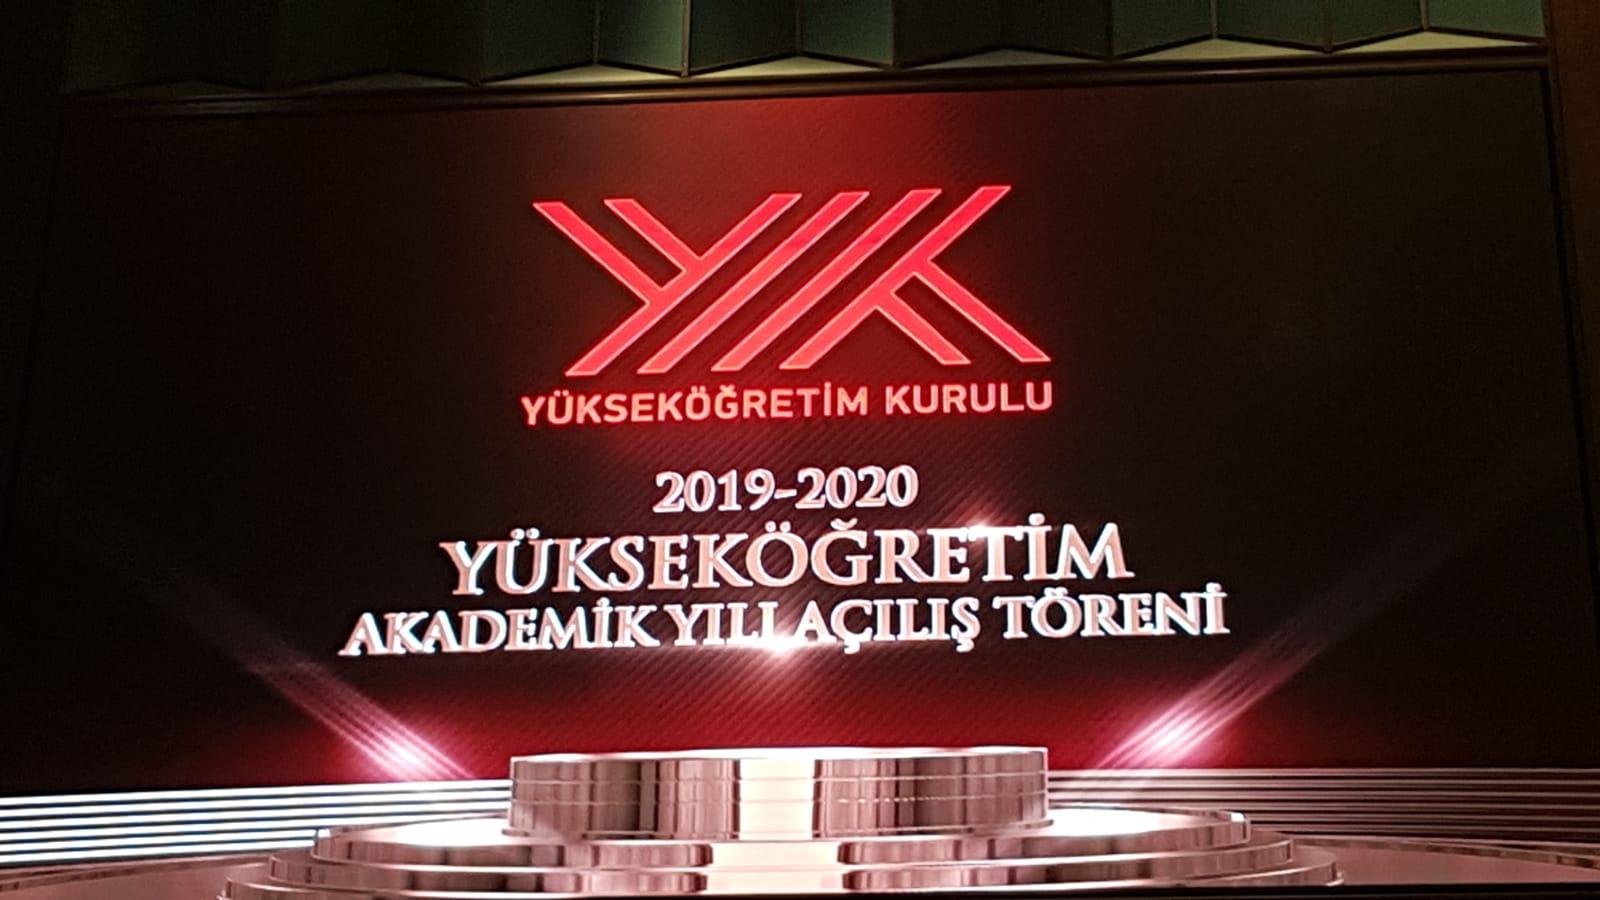 akademik-yil-2019-bestepe-2